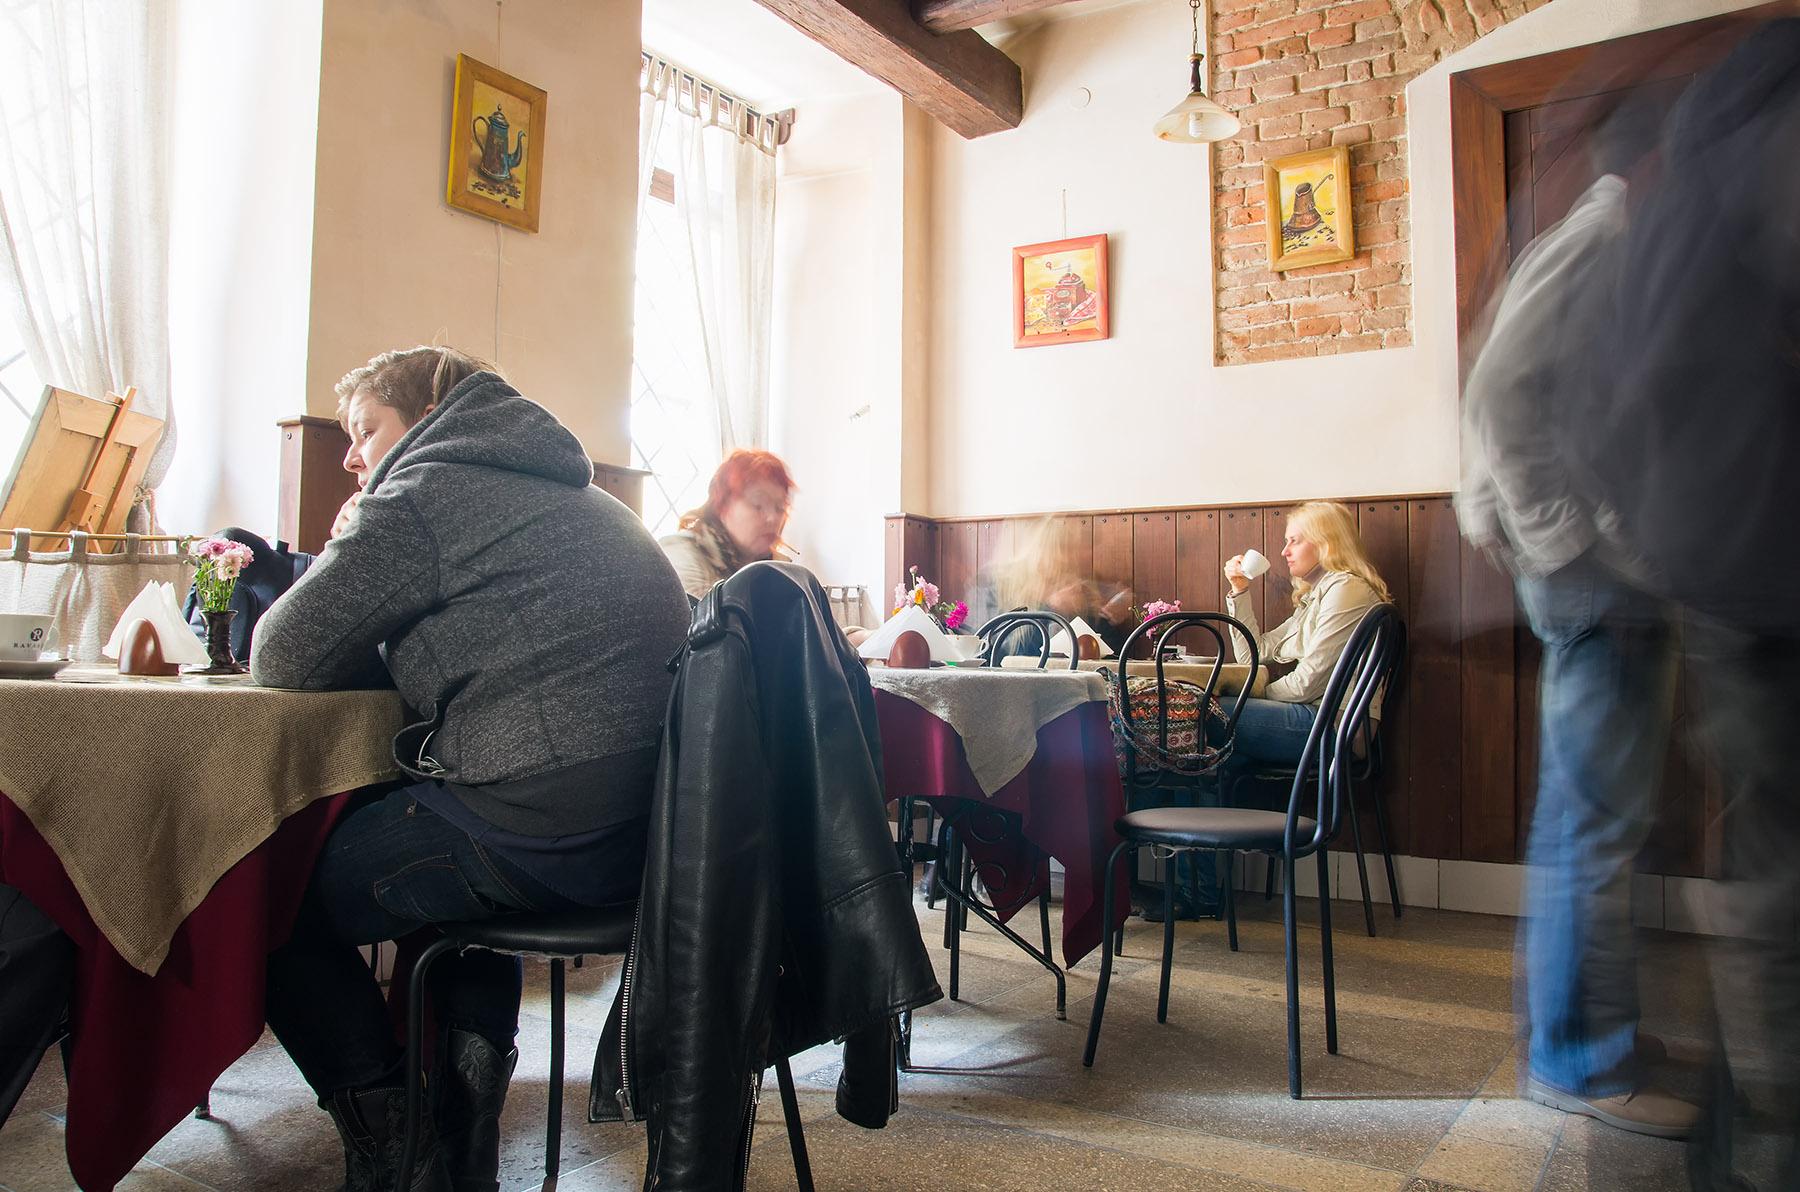 Арменското кафене в Лвов